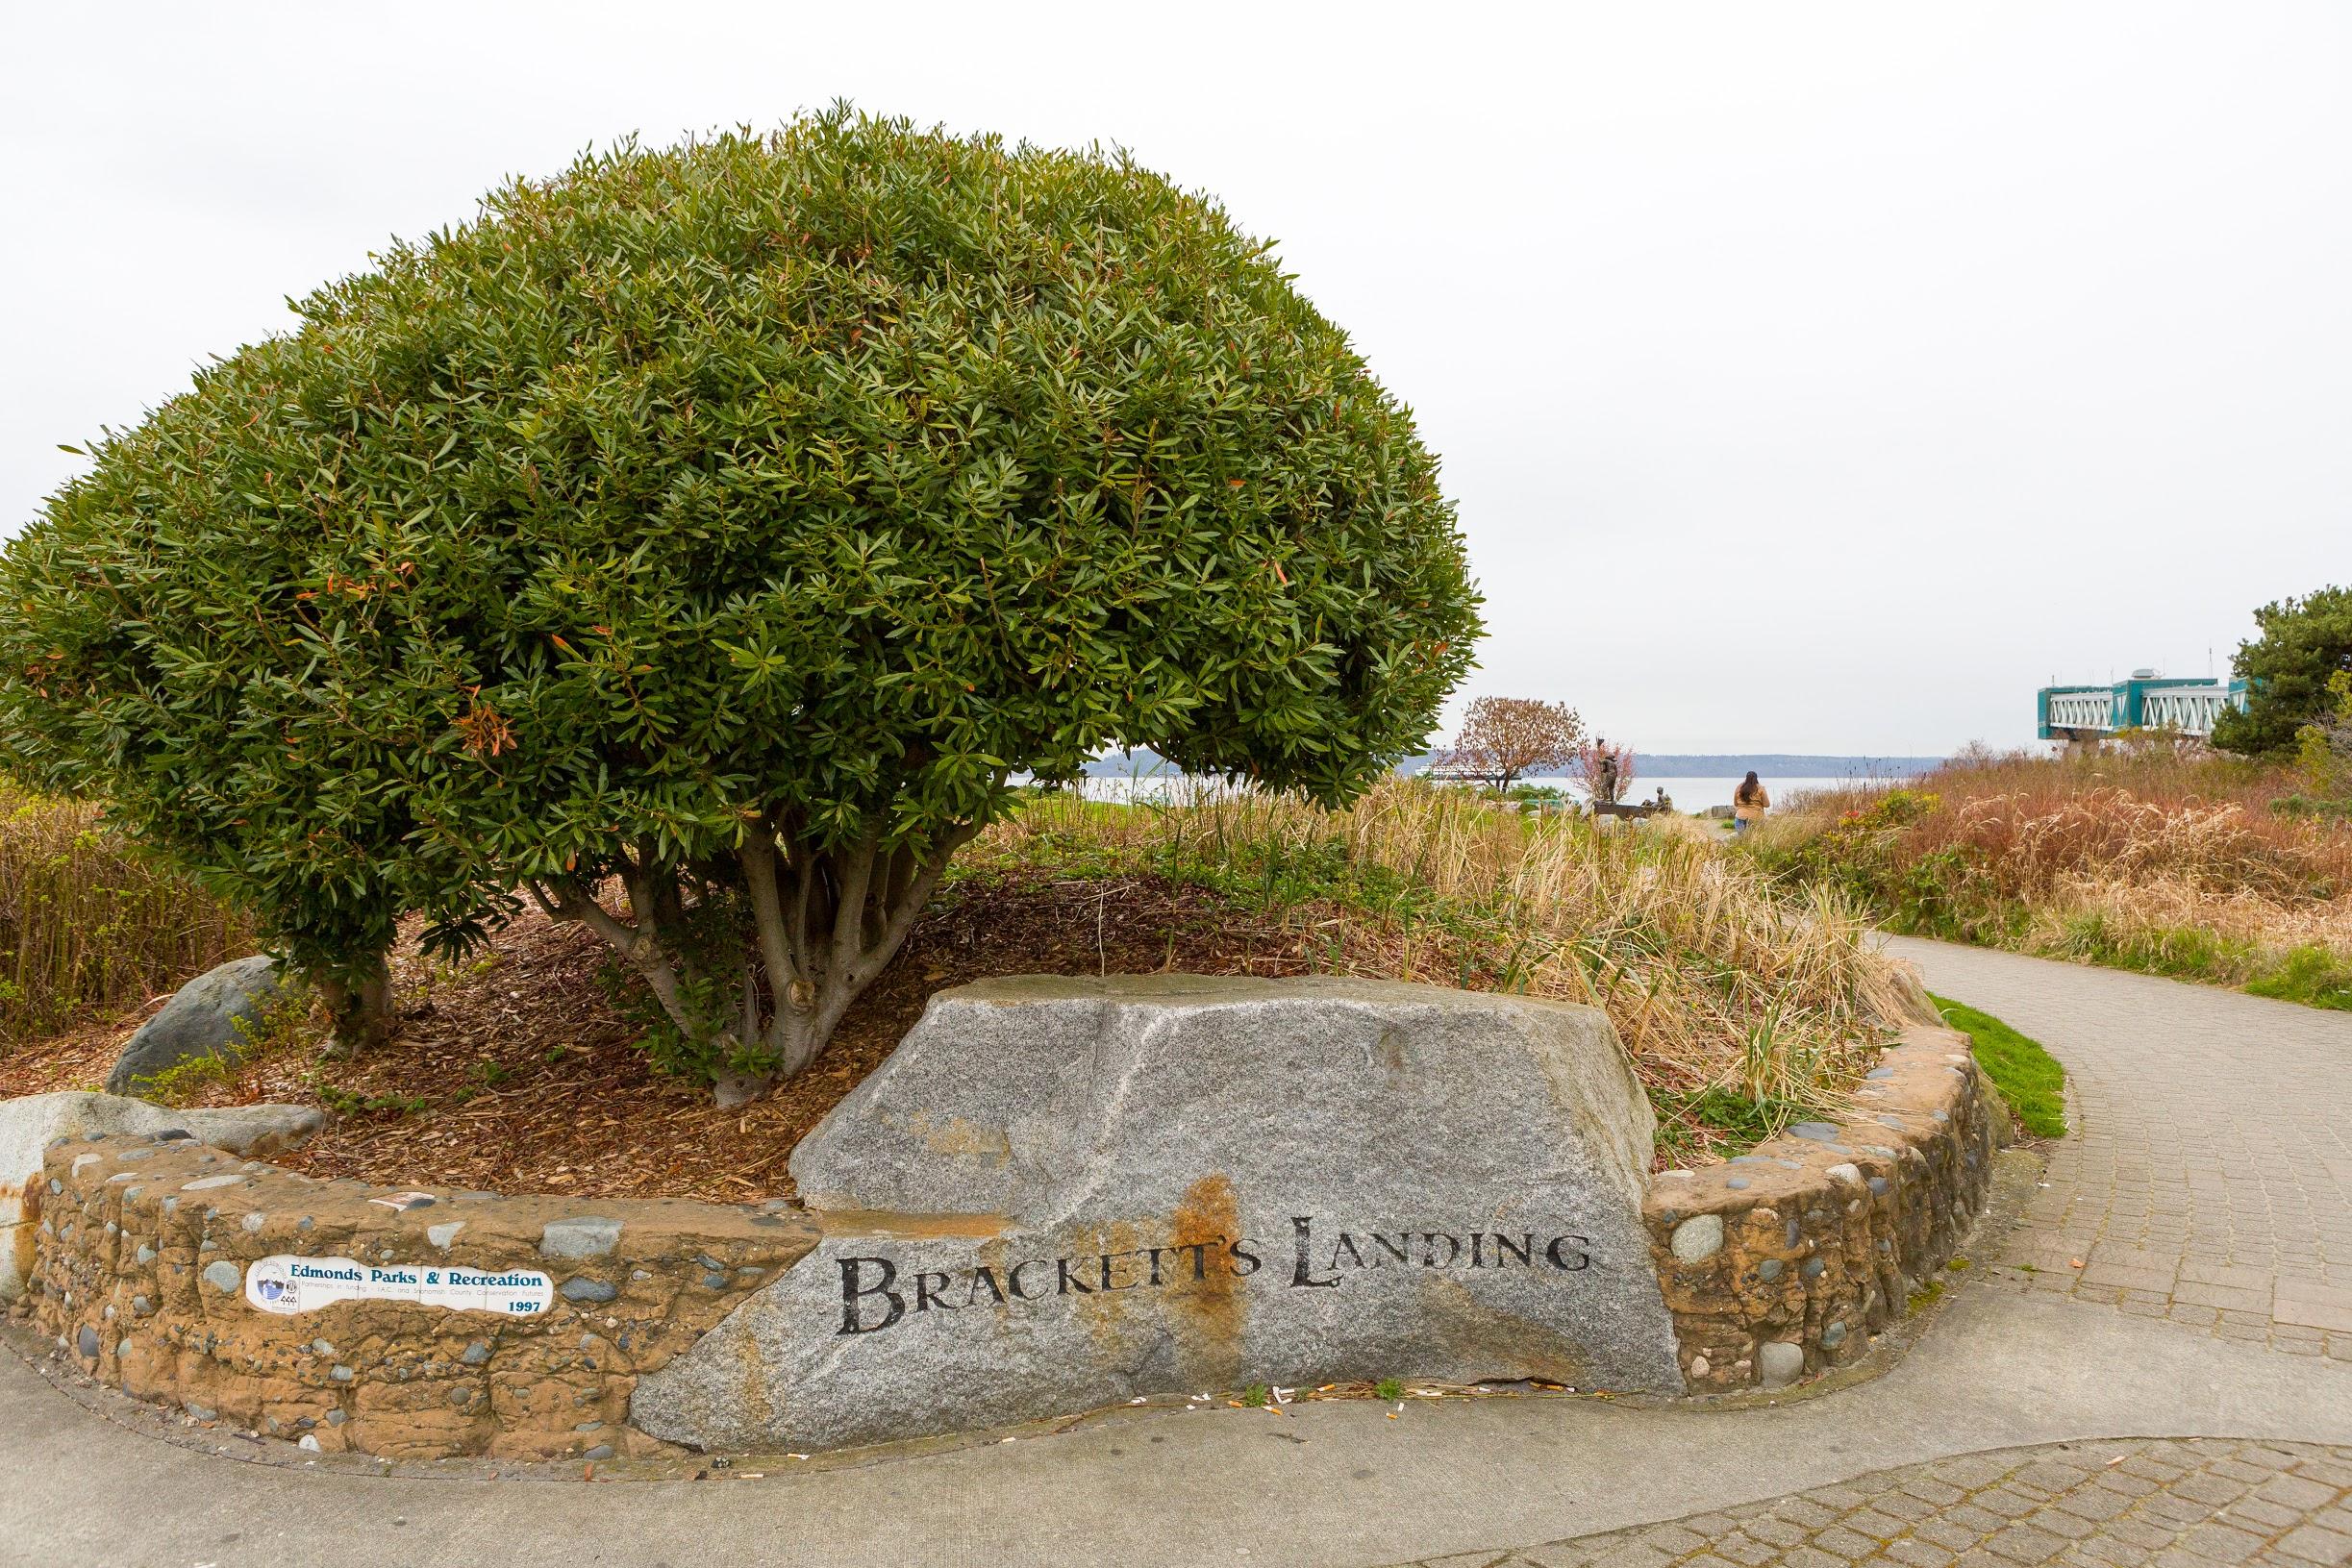 Brackett's Landing